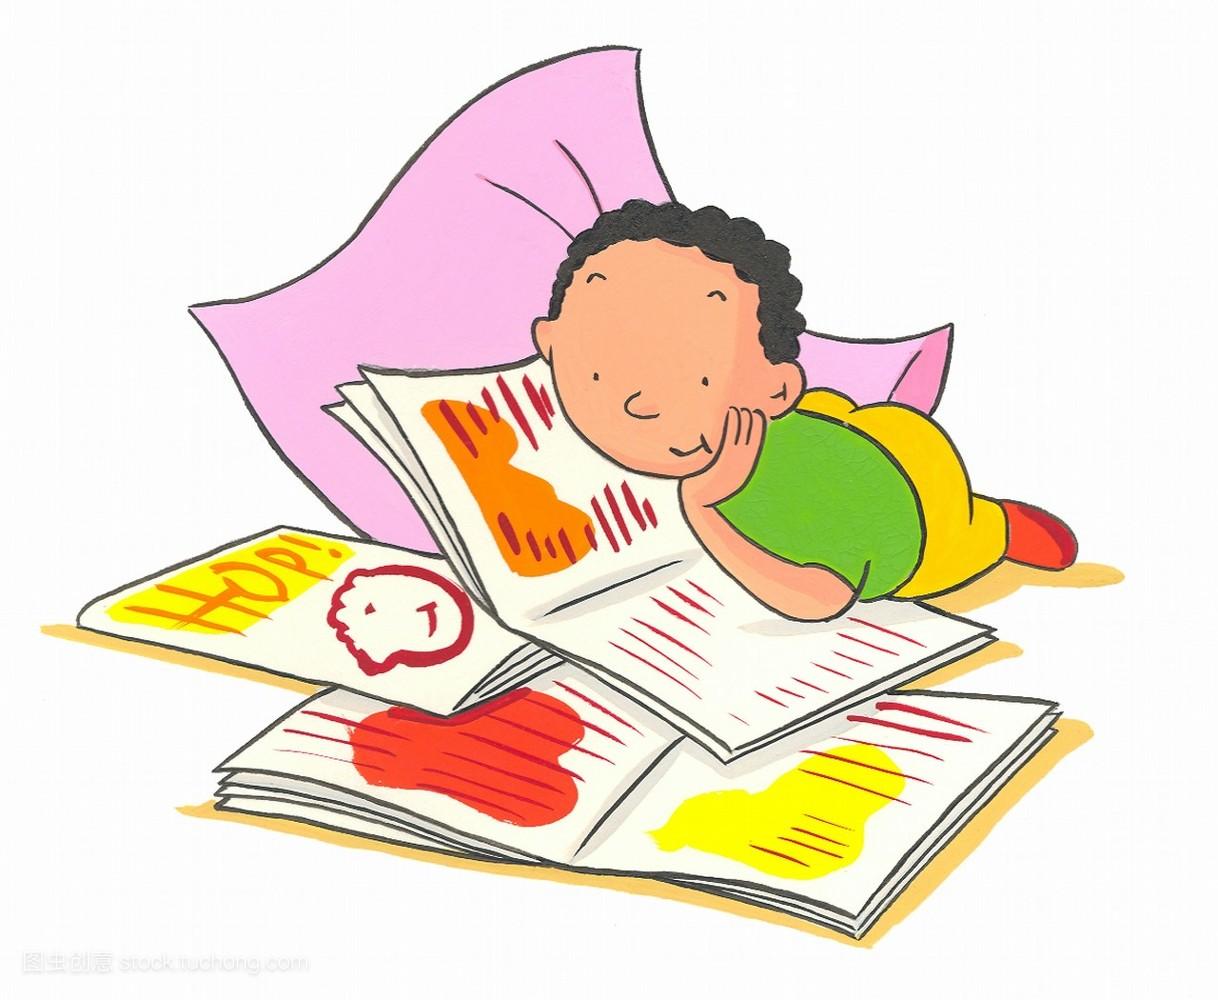 一个,男人,读书,欧洲人,知识,人,书,休闲,1岁到5岁,稚子,插画,小孩子图片